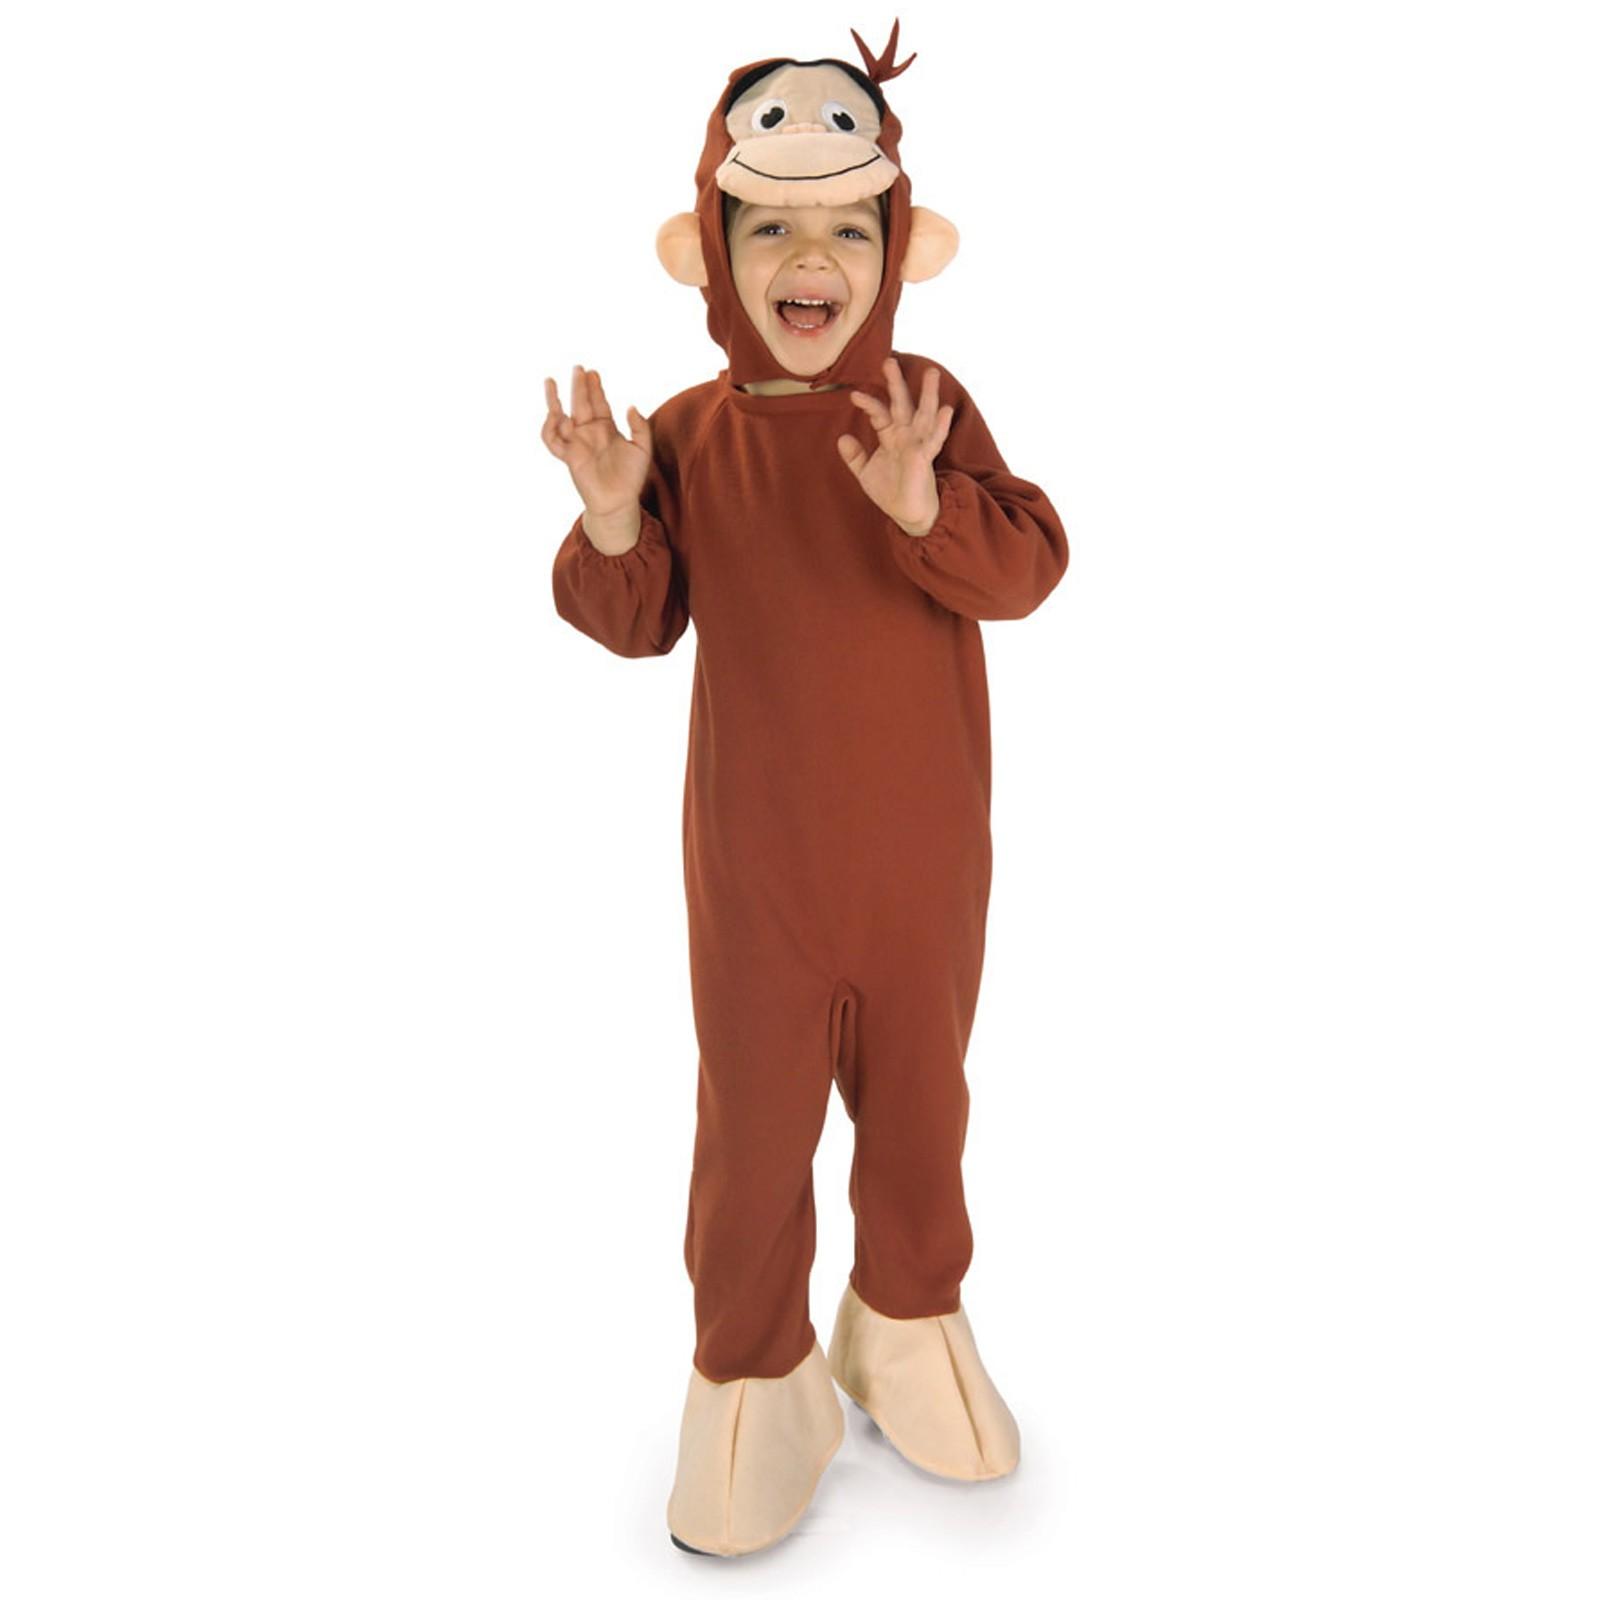 おさるのジョージ コスプレ コスチューム 子供 幼児用 猿 サル きぐるみ 動物 ハロウィン 仮装 アニメキャラクター 申年 あす楽